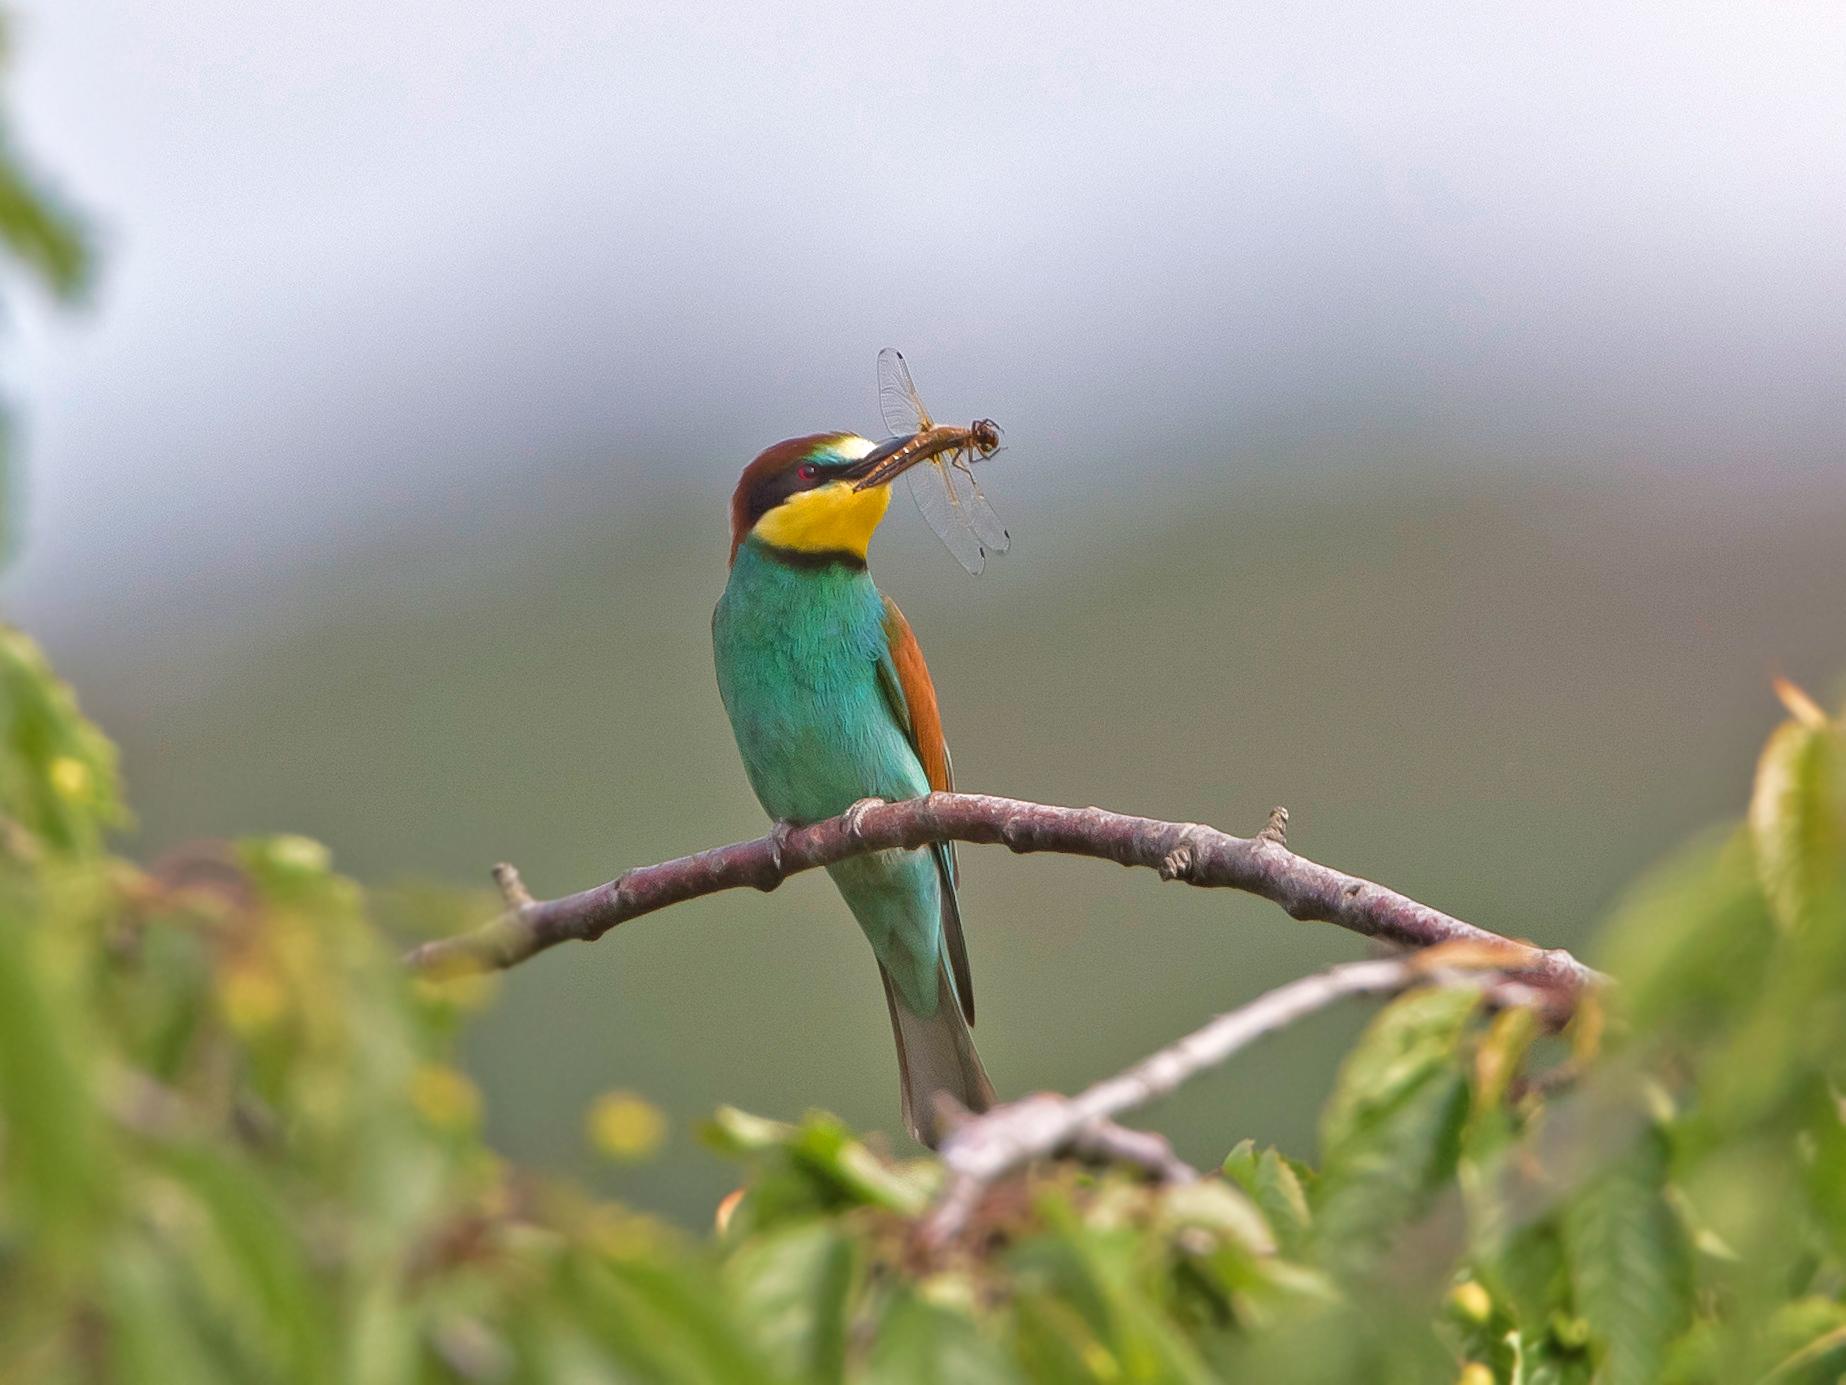 Die Männchen bringen Brautgeschenke in Form von Gross-Insekten wie Libellen, Käfer und Bienen.